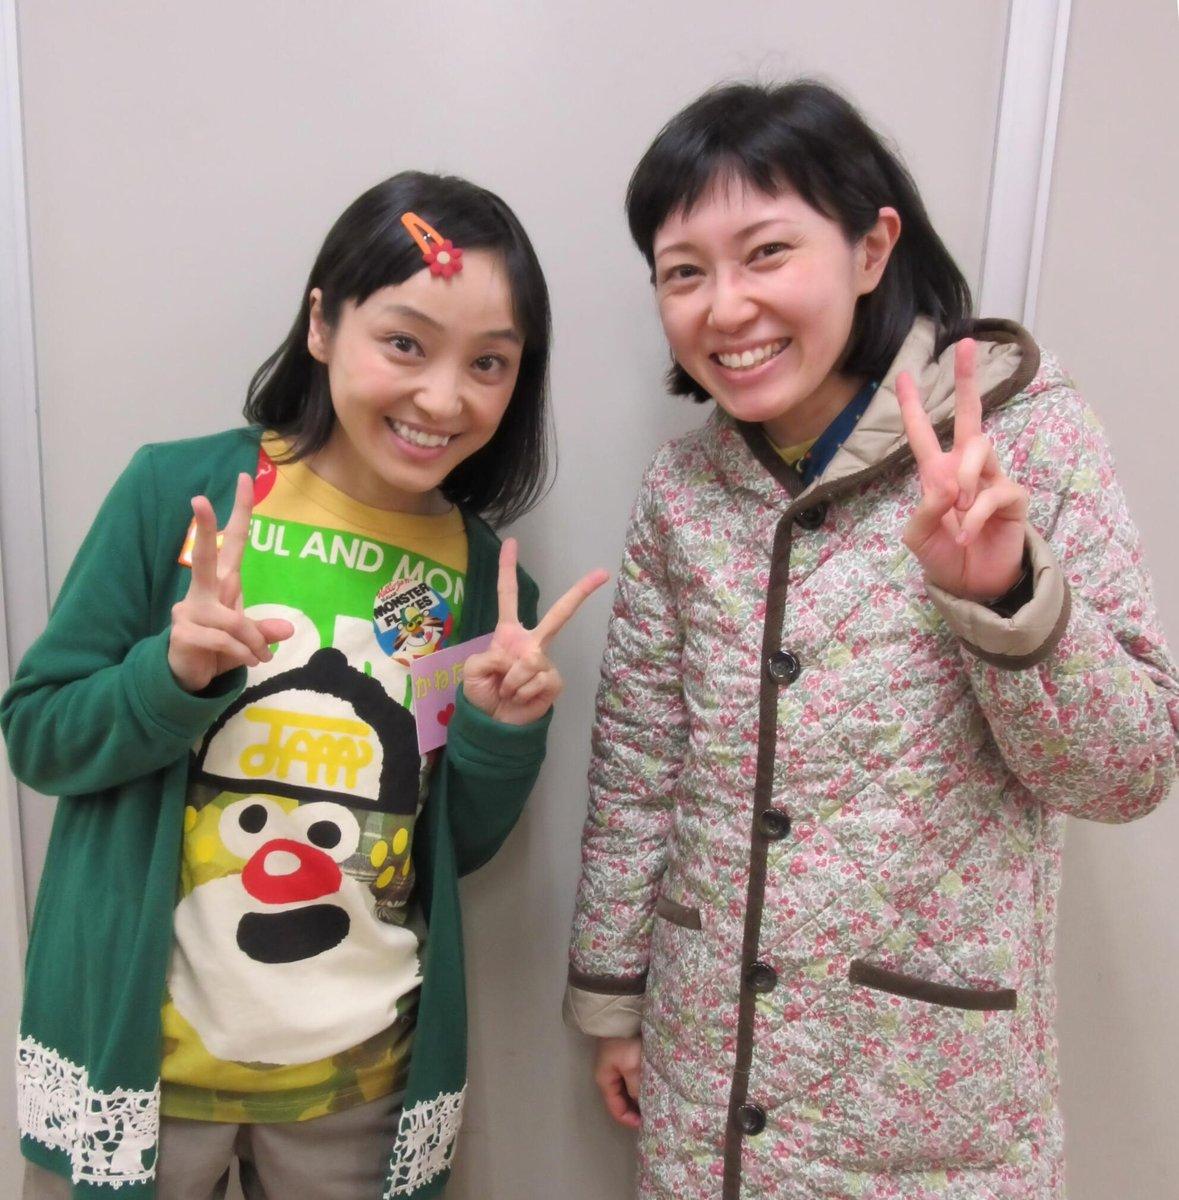 というわけで、金田朋子さんにようやくご挨拶できました。やっぱり似ているかな?? #ワラッチャオ 注:今だに誤解され気味ですが、金朋さんと私は別人です♪ https://t.co/yl1ikKPiX8